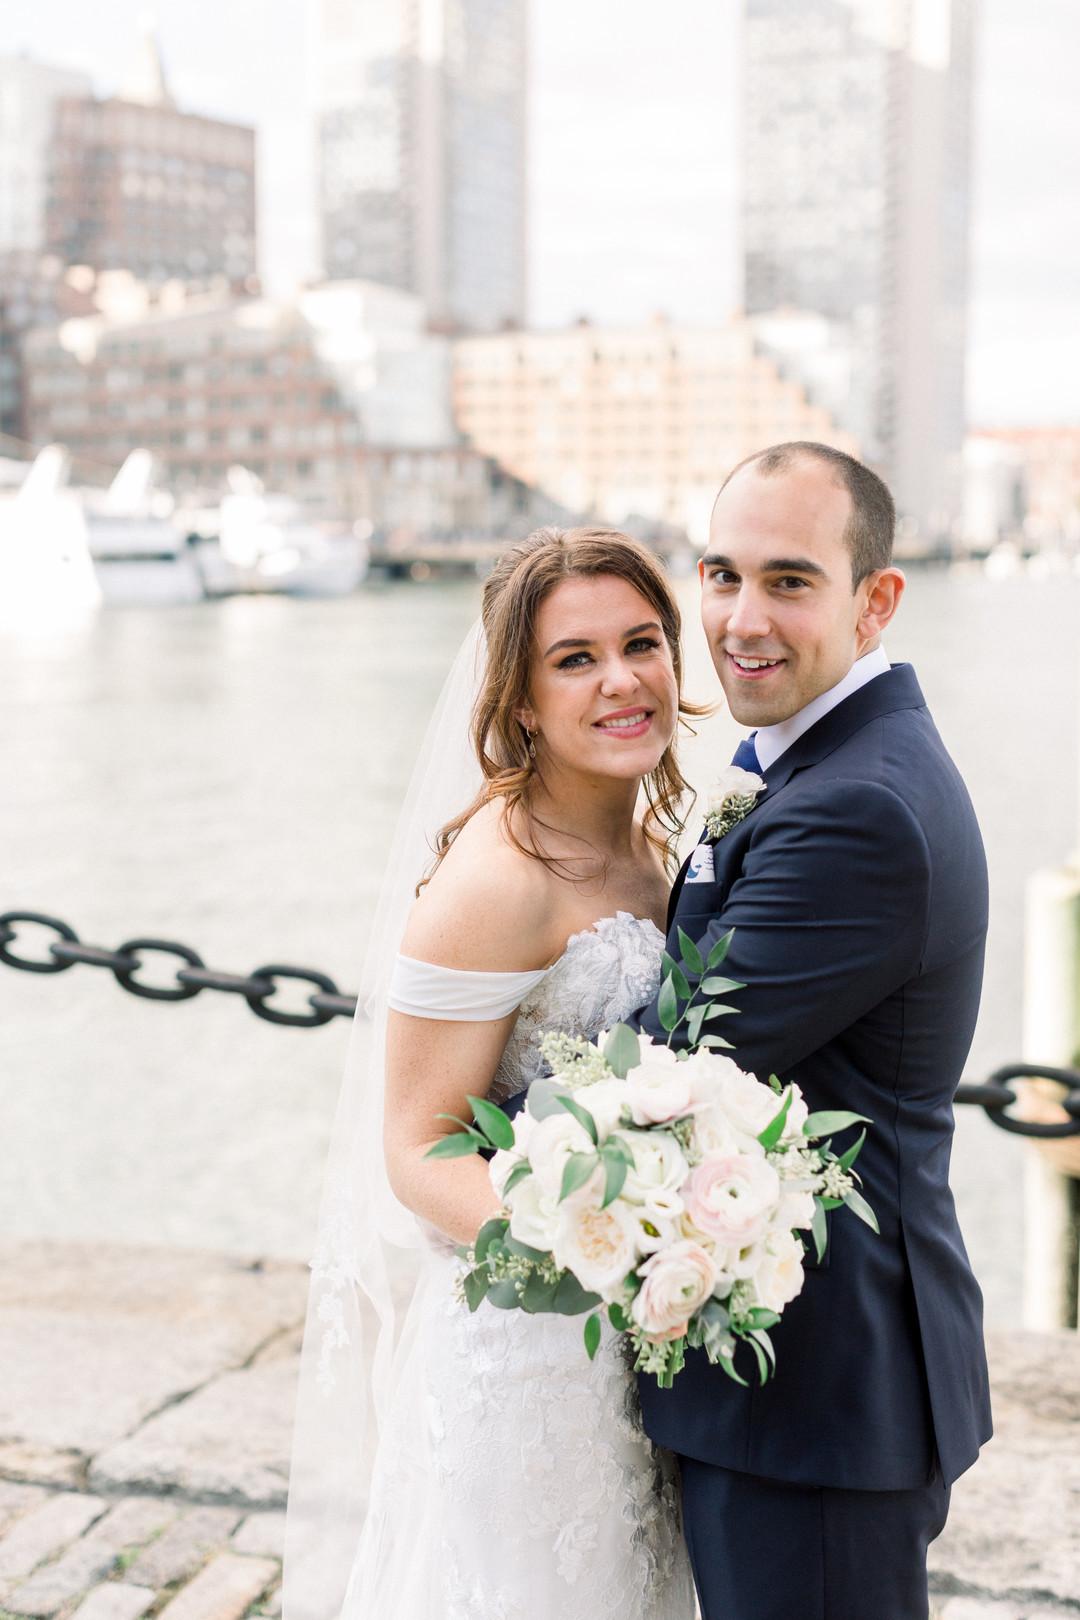 waterfront-wedding-flowers-by-lesfleurs (25).jpg